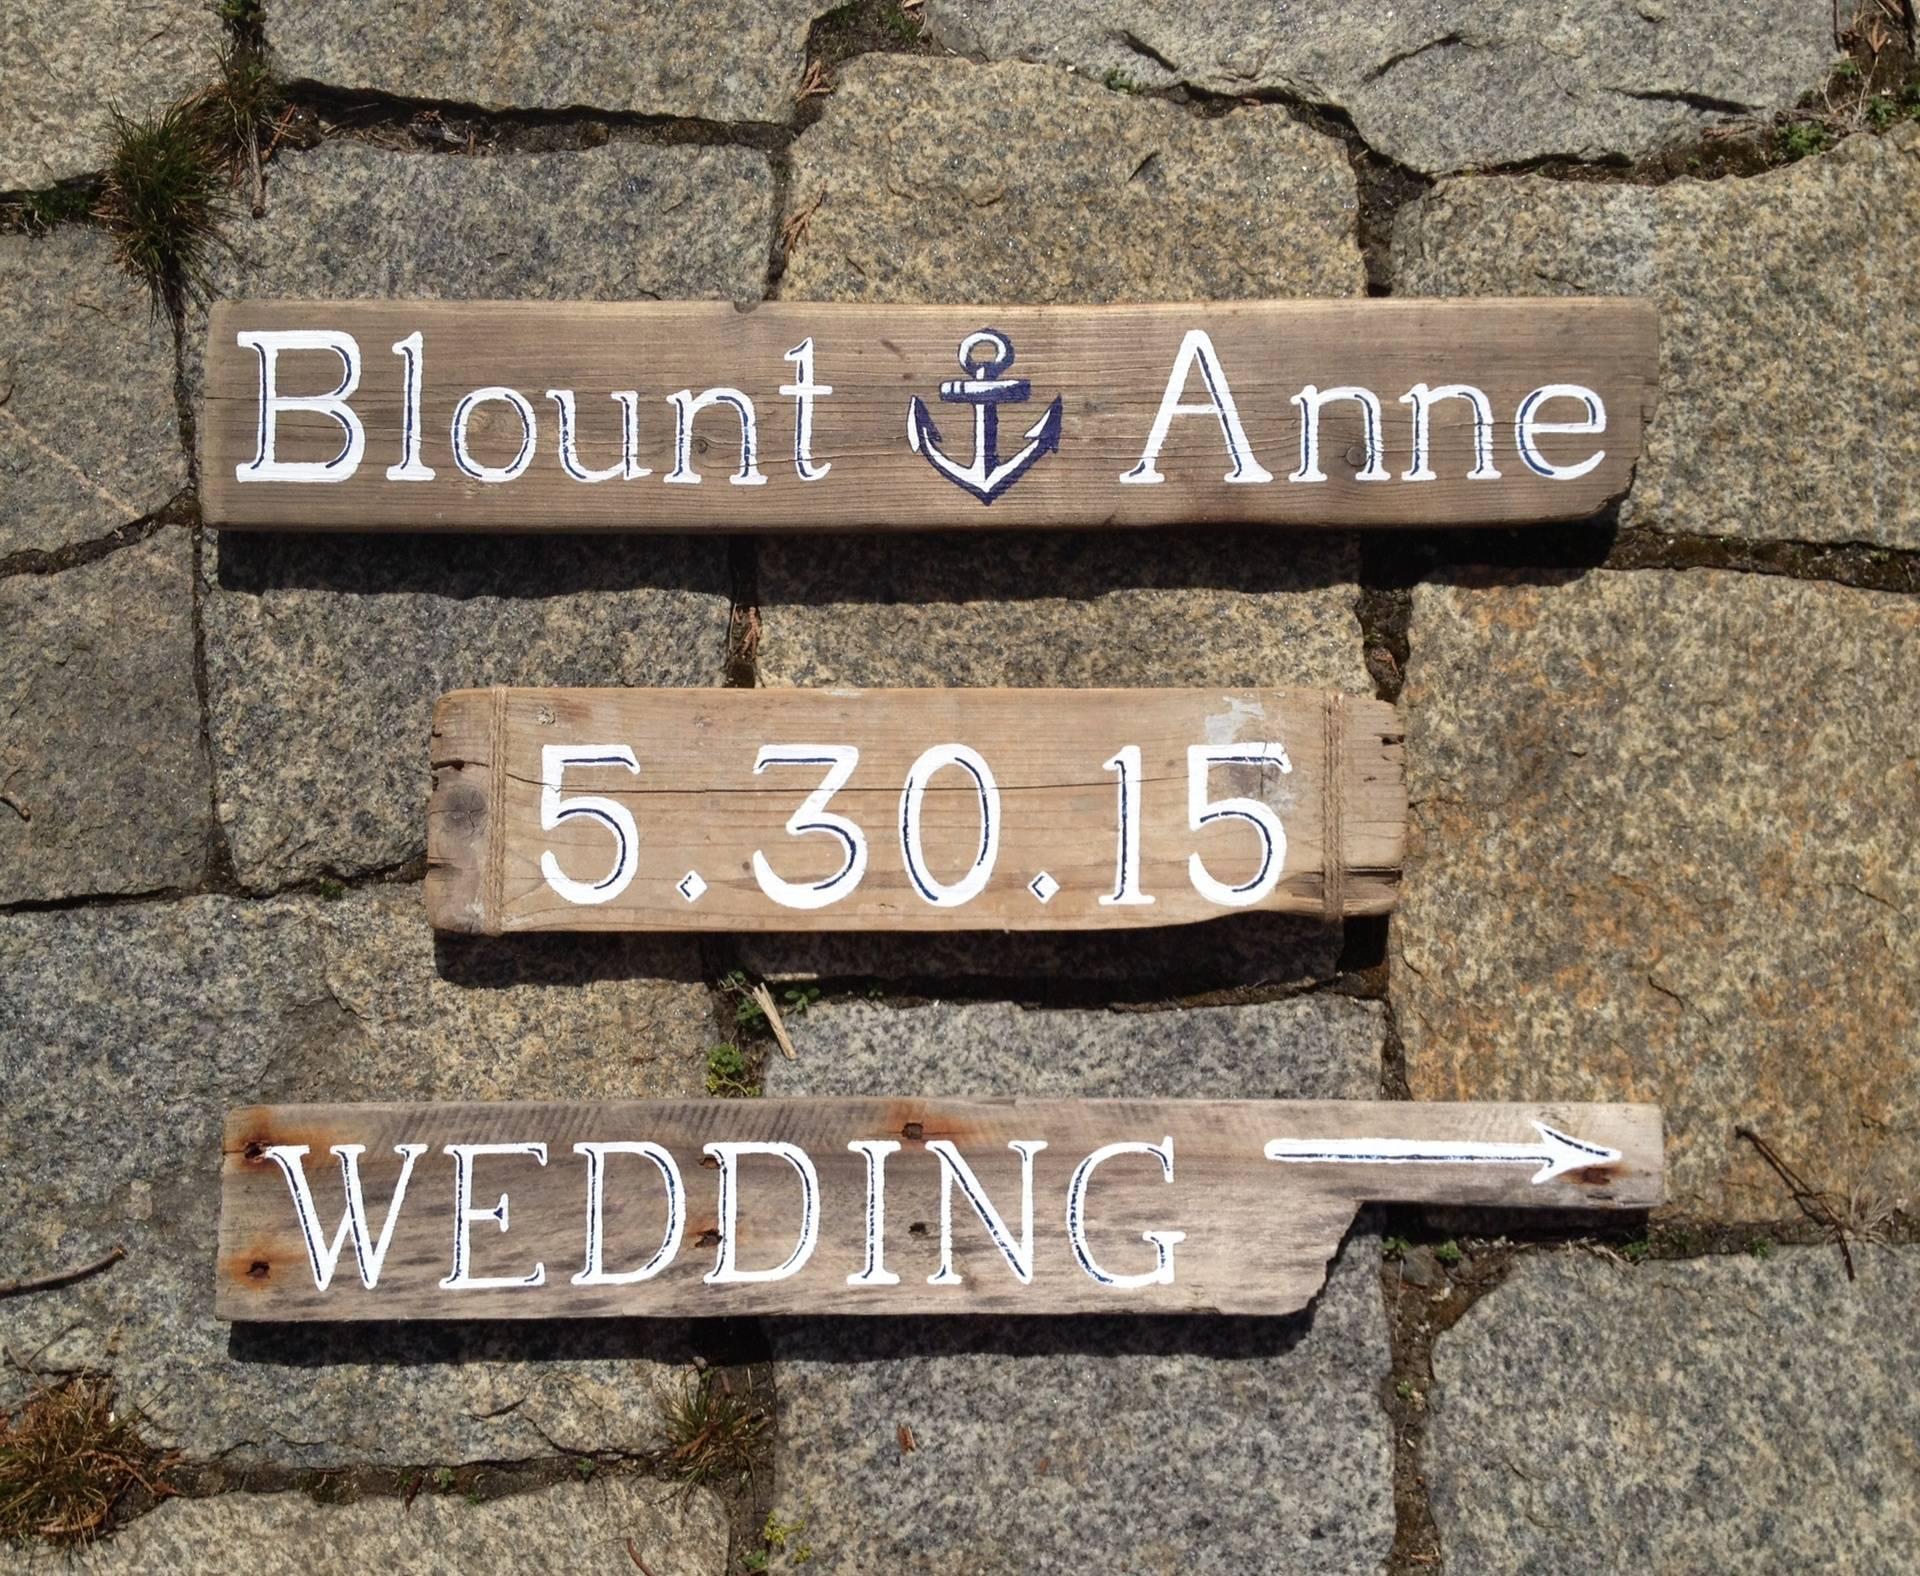 #WeddingDaydirectionalsigns